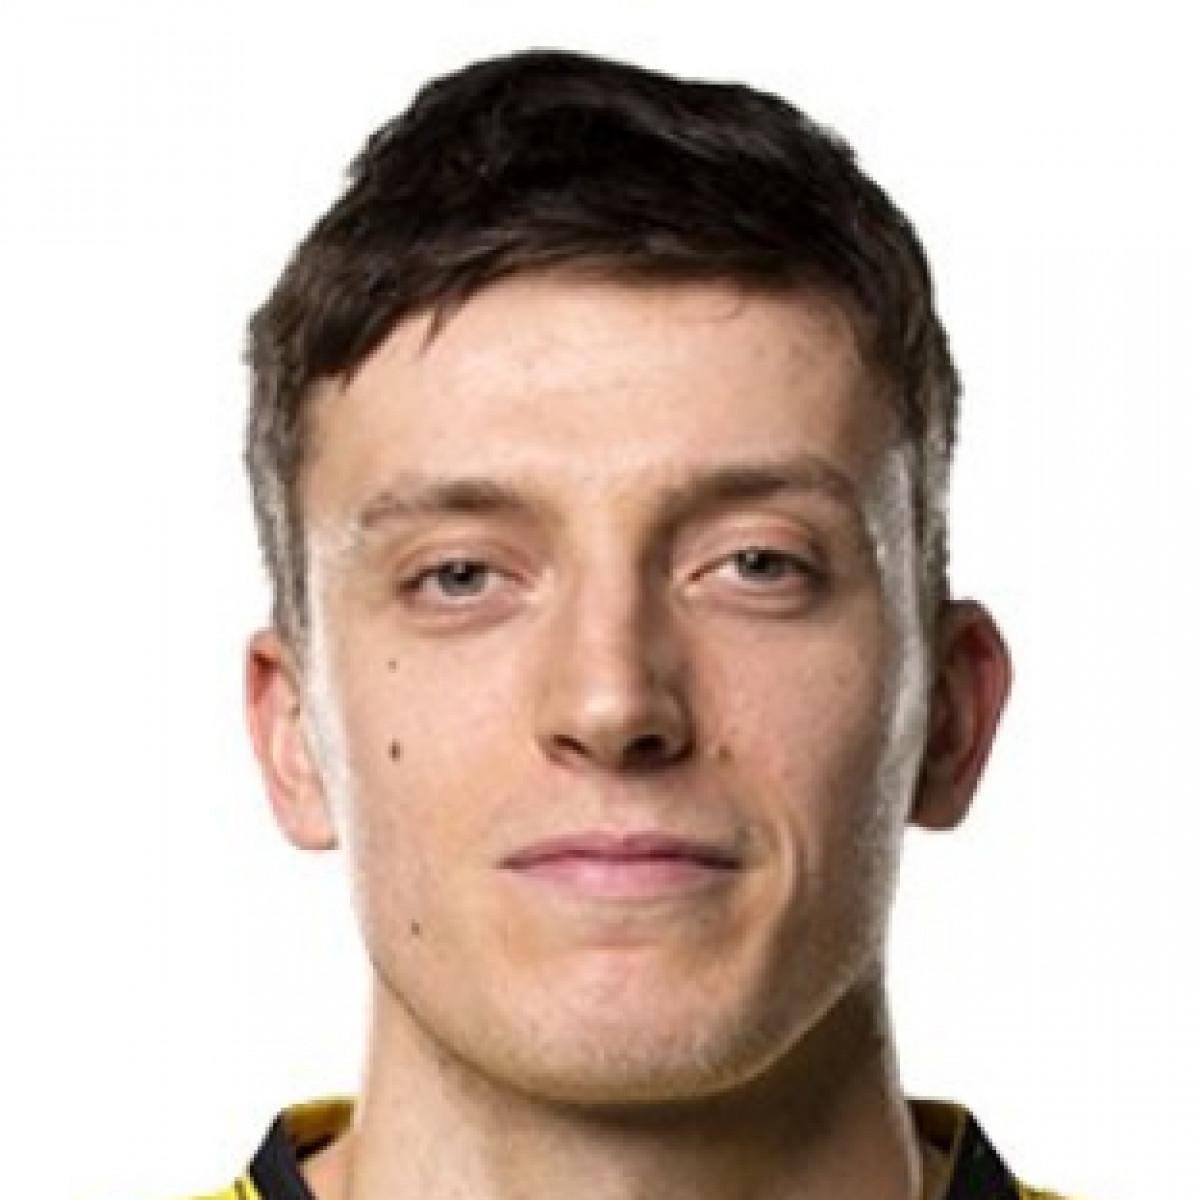 Piotr Smigielski